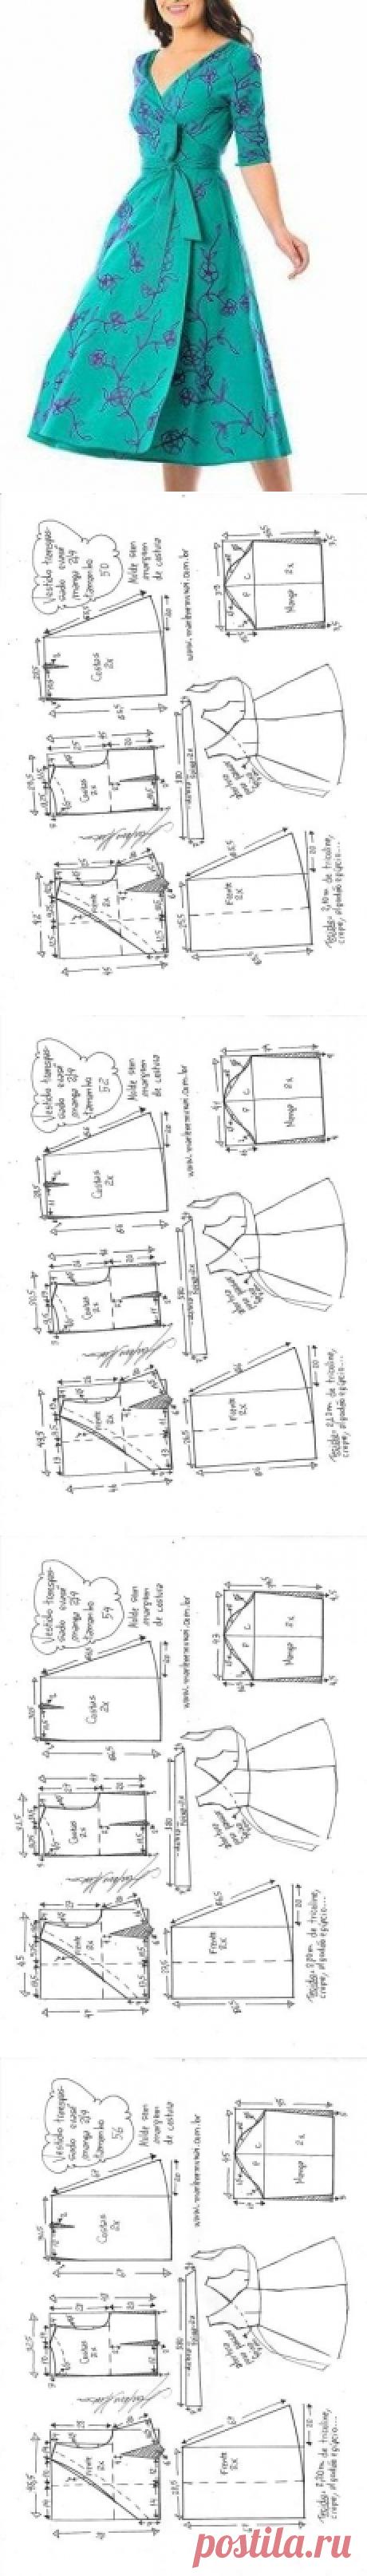 Vestido transpassado evasê com manga 2/4 - DIY - molde, corte e costura - Marlene Mukai